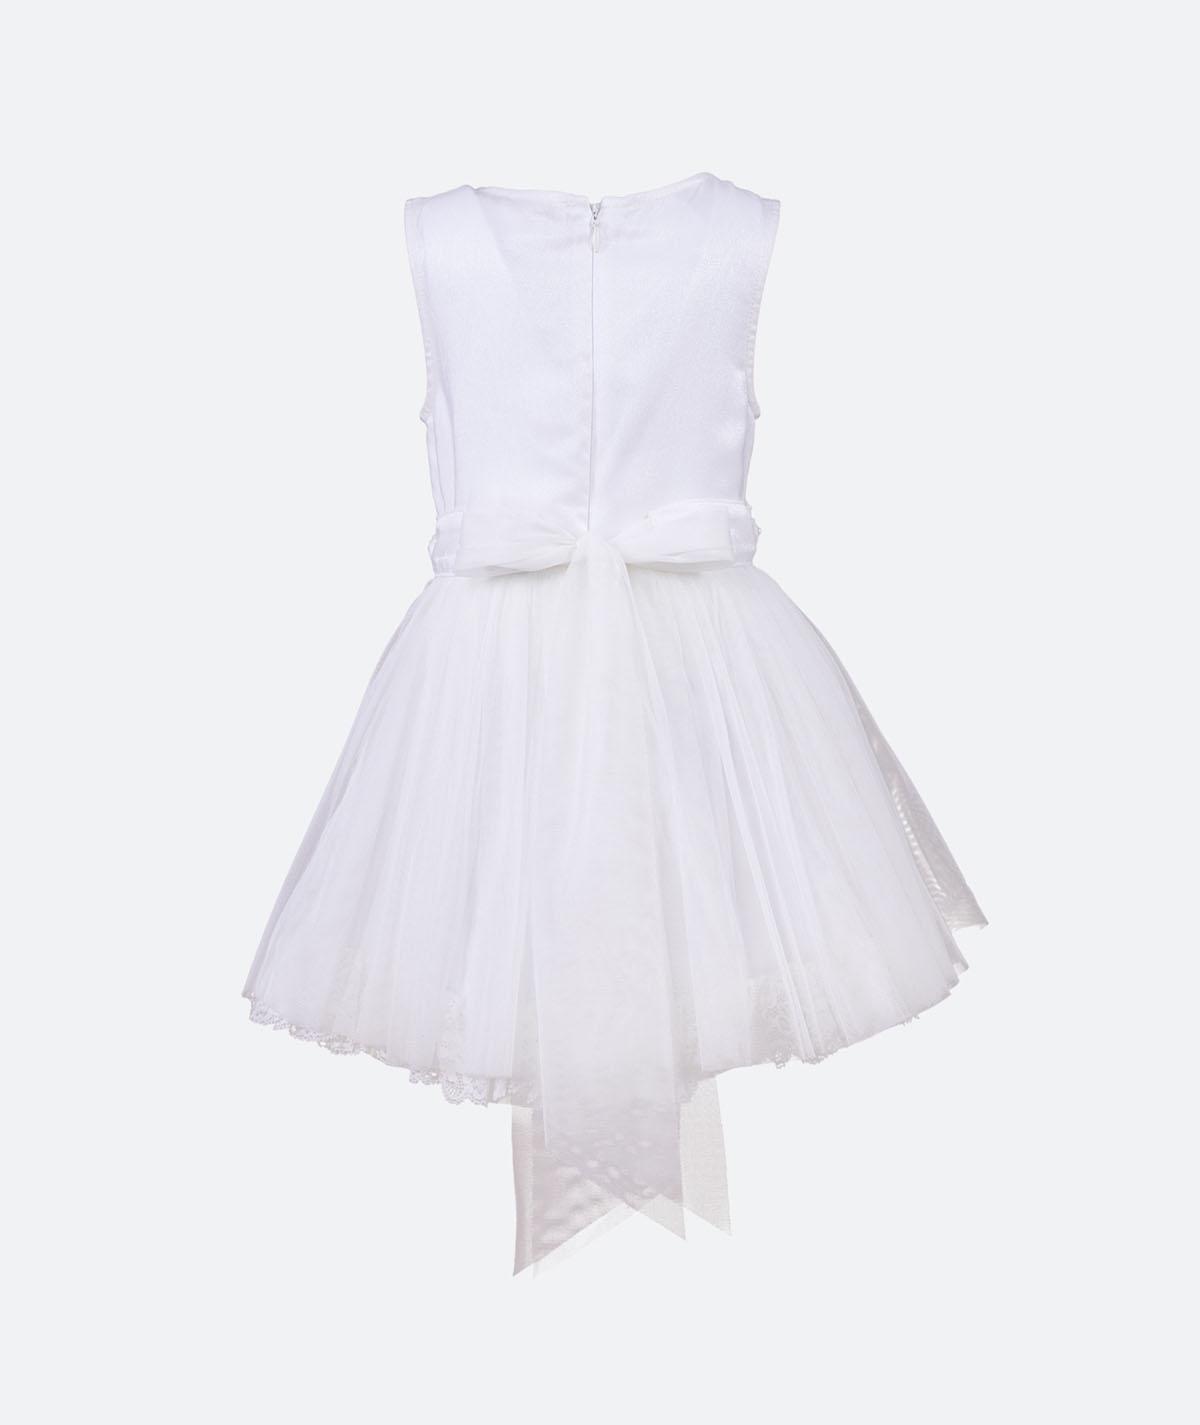 Ina Festkleid aus Baumwolle Blumenmädchen Taufkleid ...